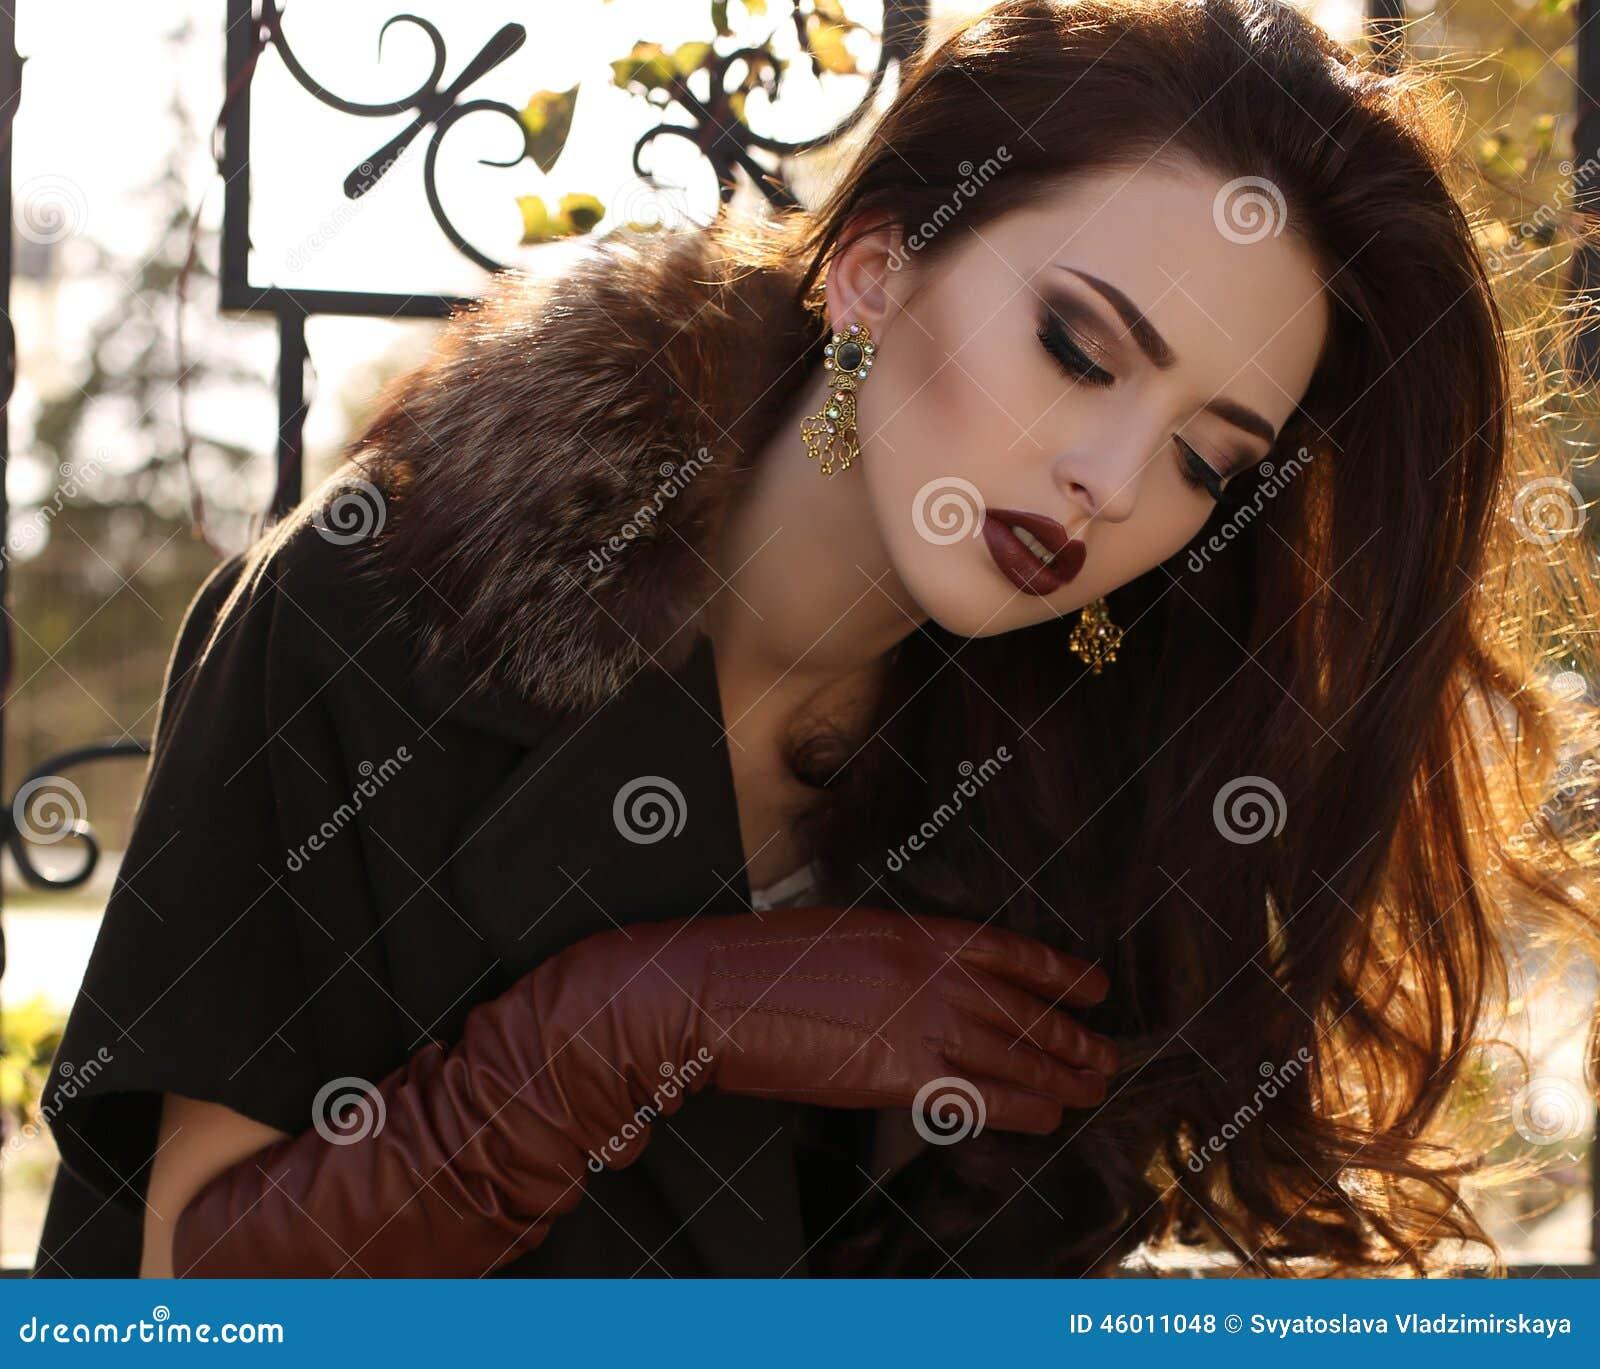 tgp Girl fur